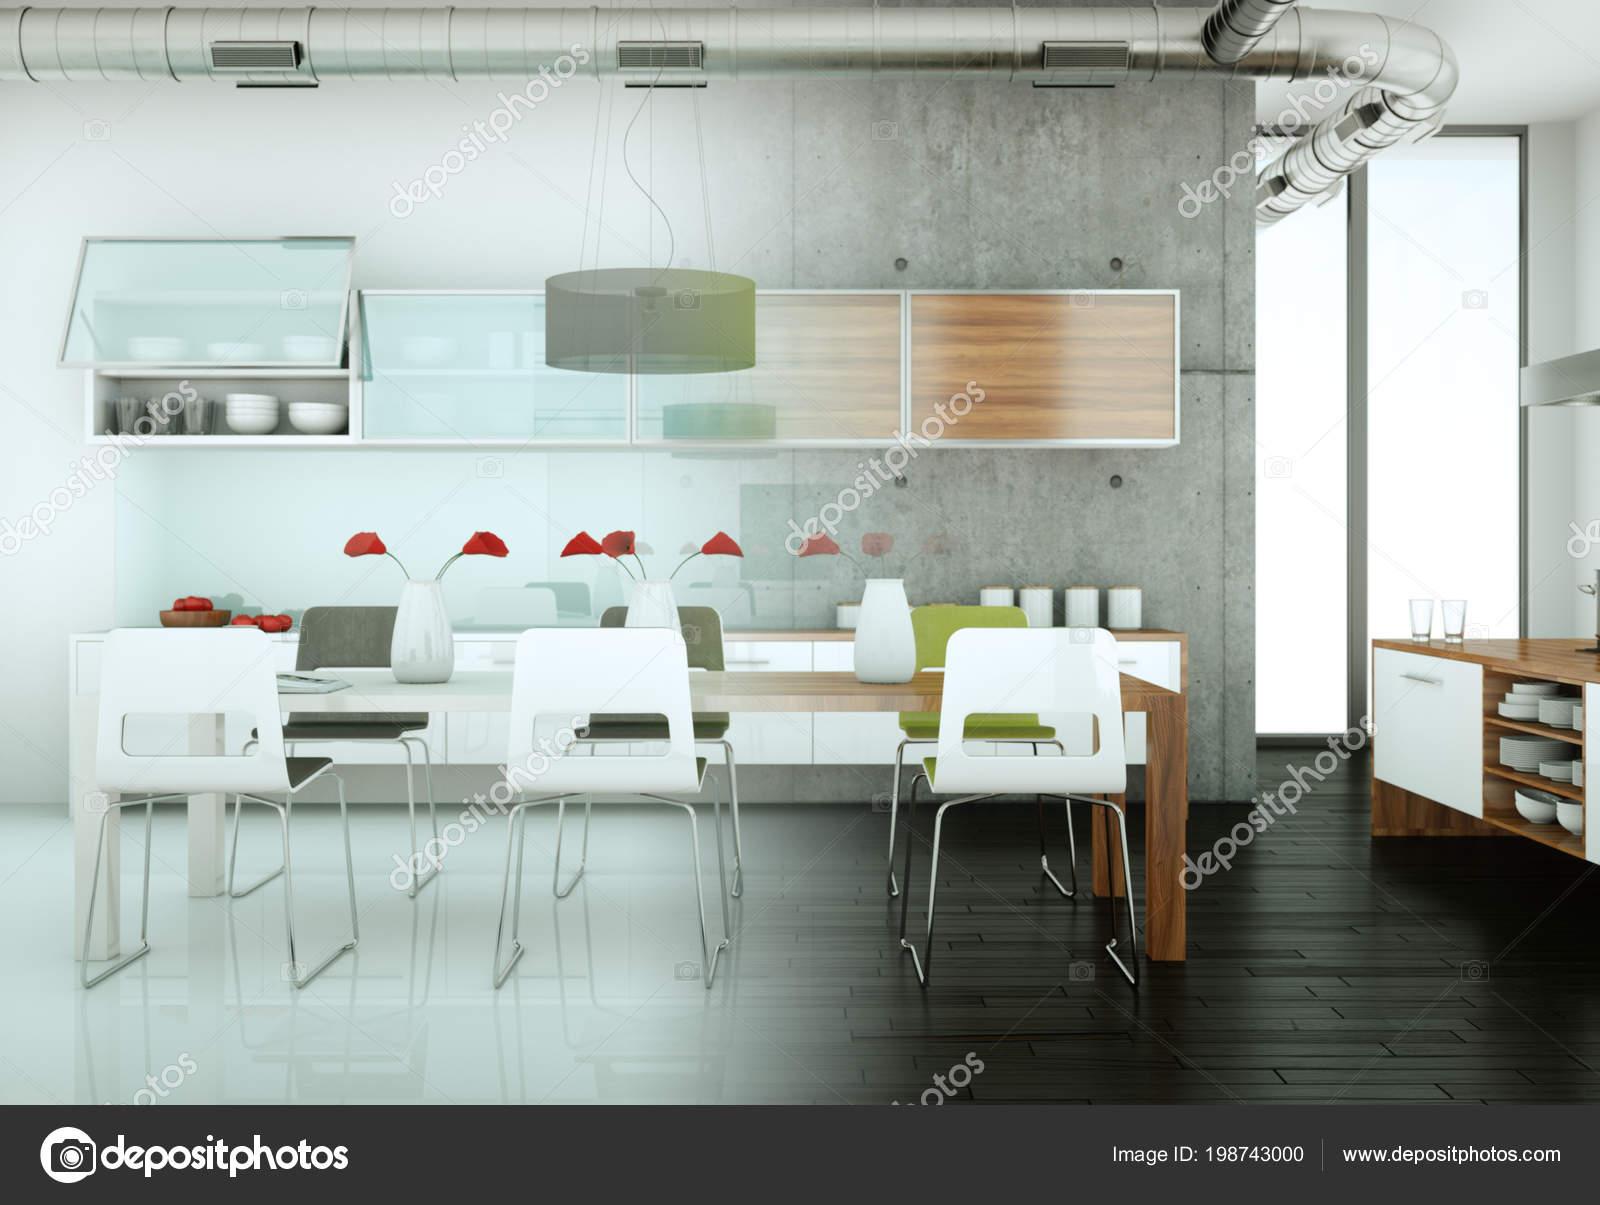 Cuisine moderne blanc dans une maison avec mur de béton ...